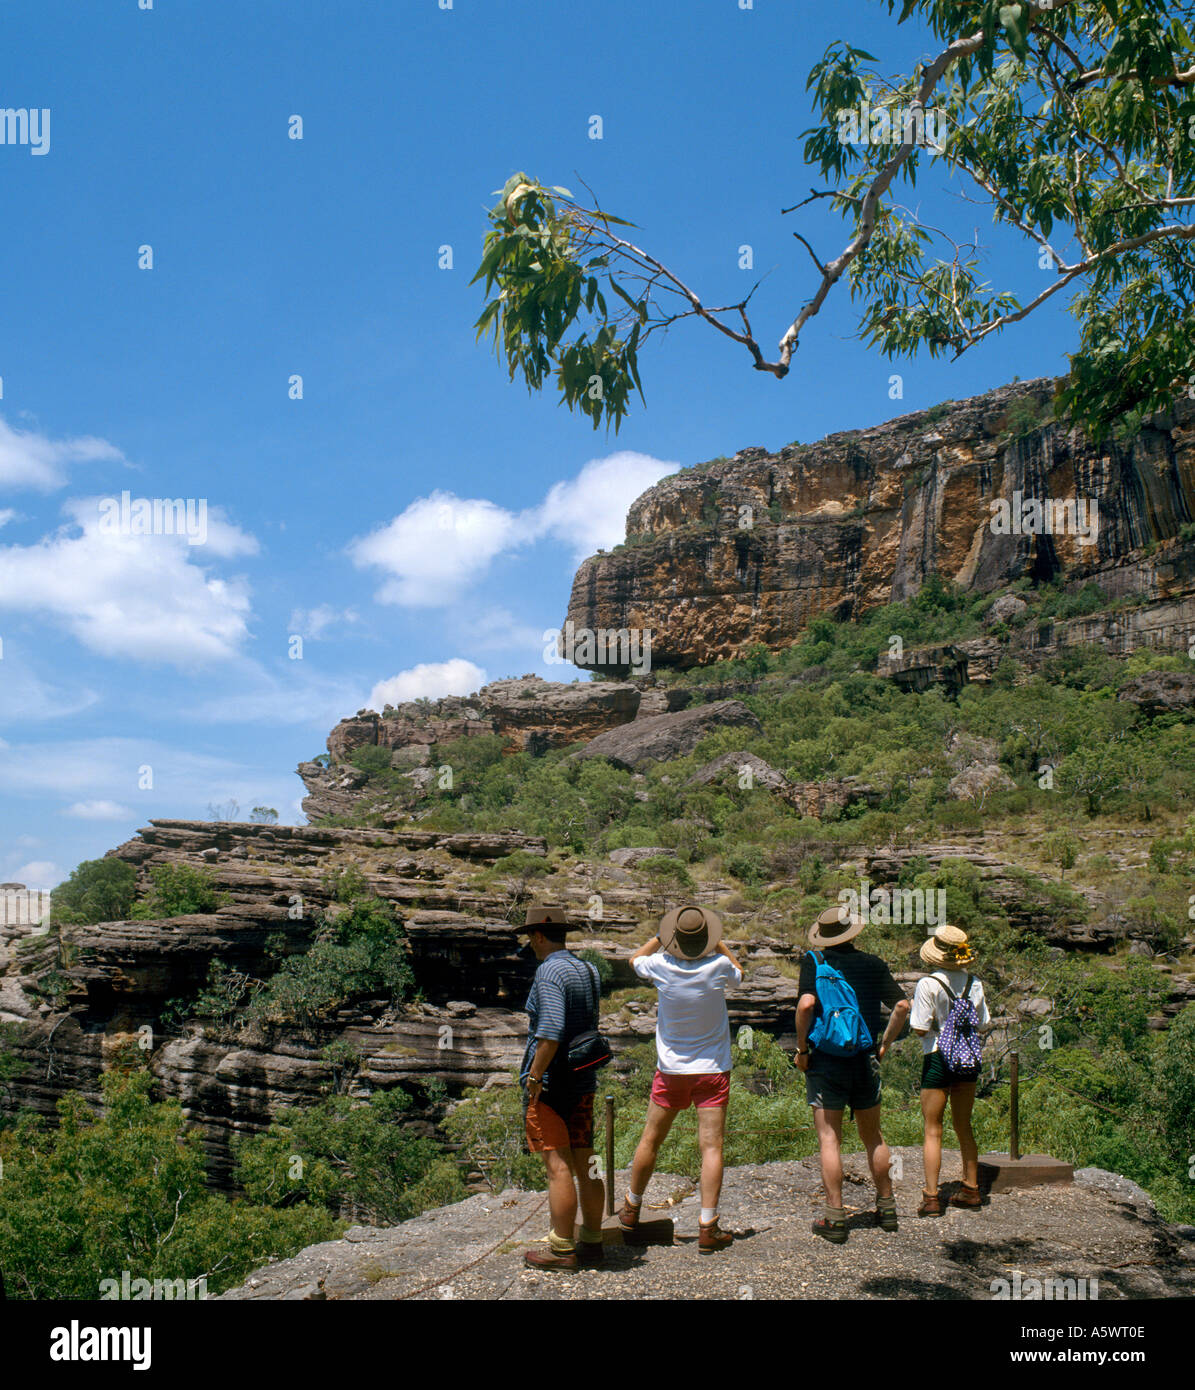 """Gli escursionisti a Nourlangie Rock, il Parco Nazionale Kakadu, Territorio del Nord, l'Australia - Posizione per """"Crocodile Dundee' movie Foto Stock"""